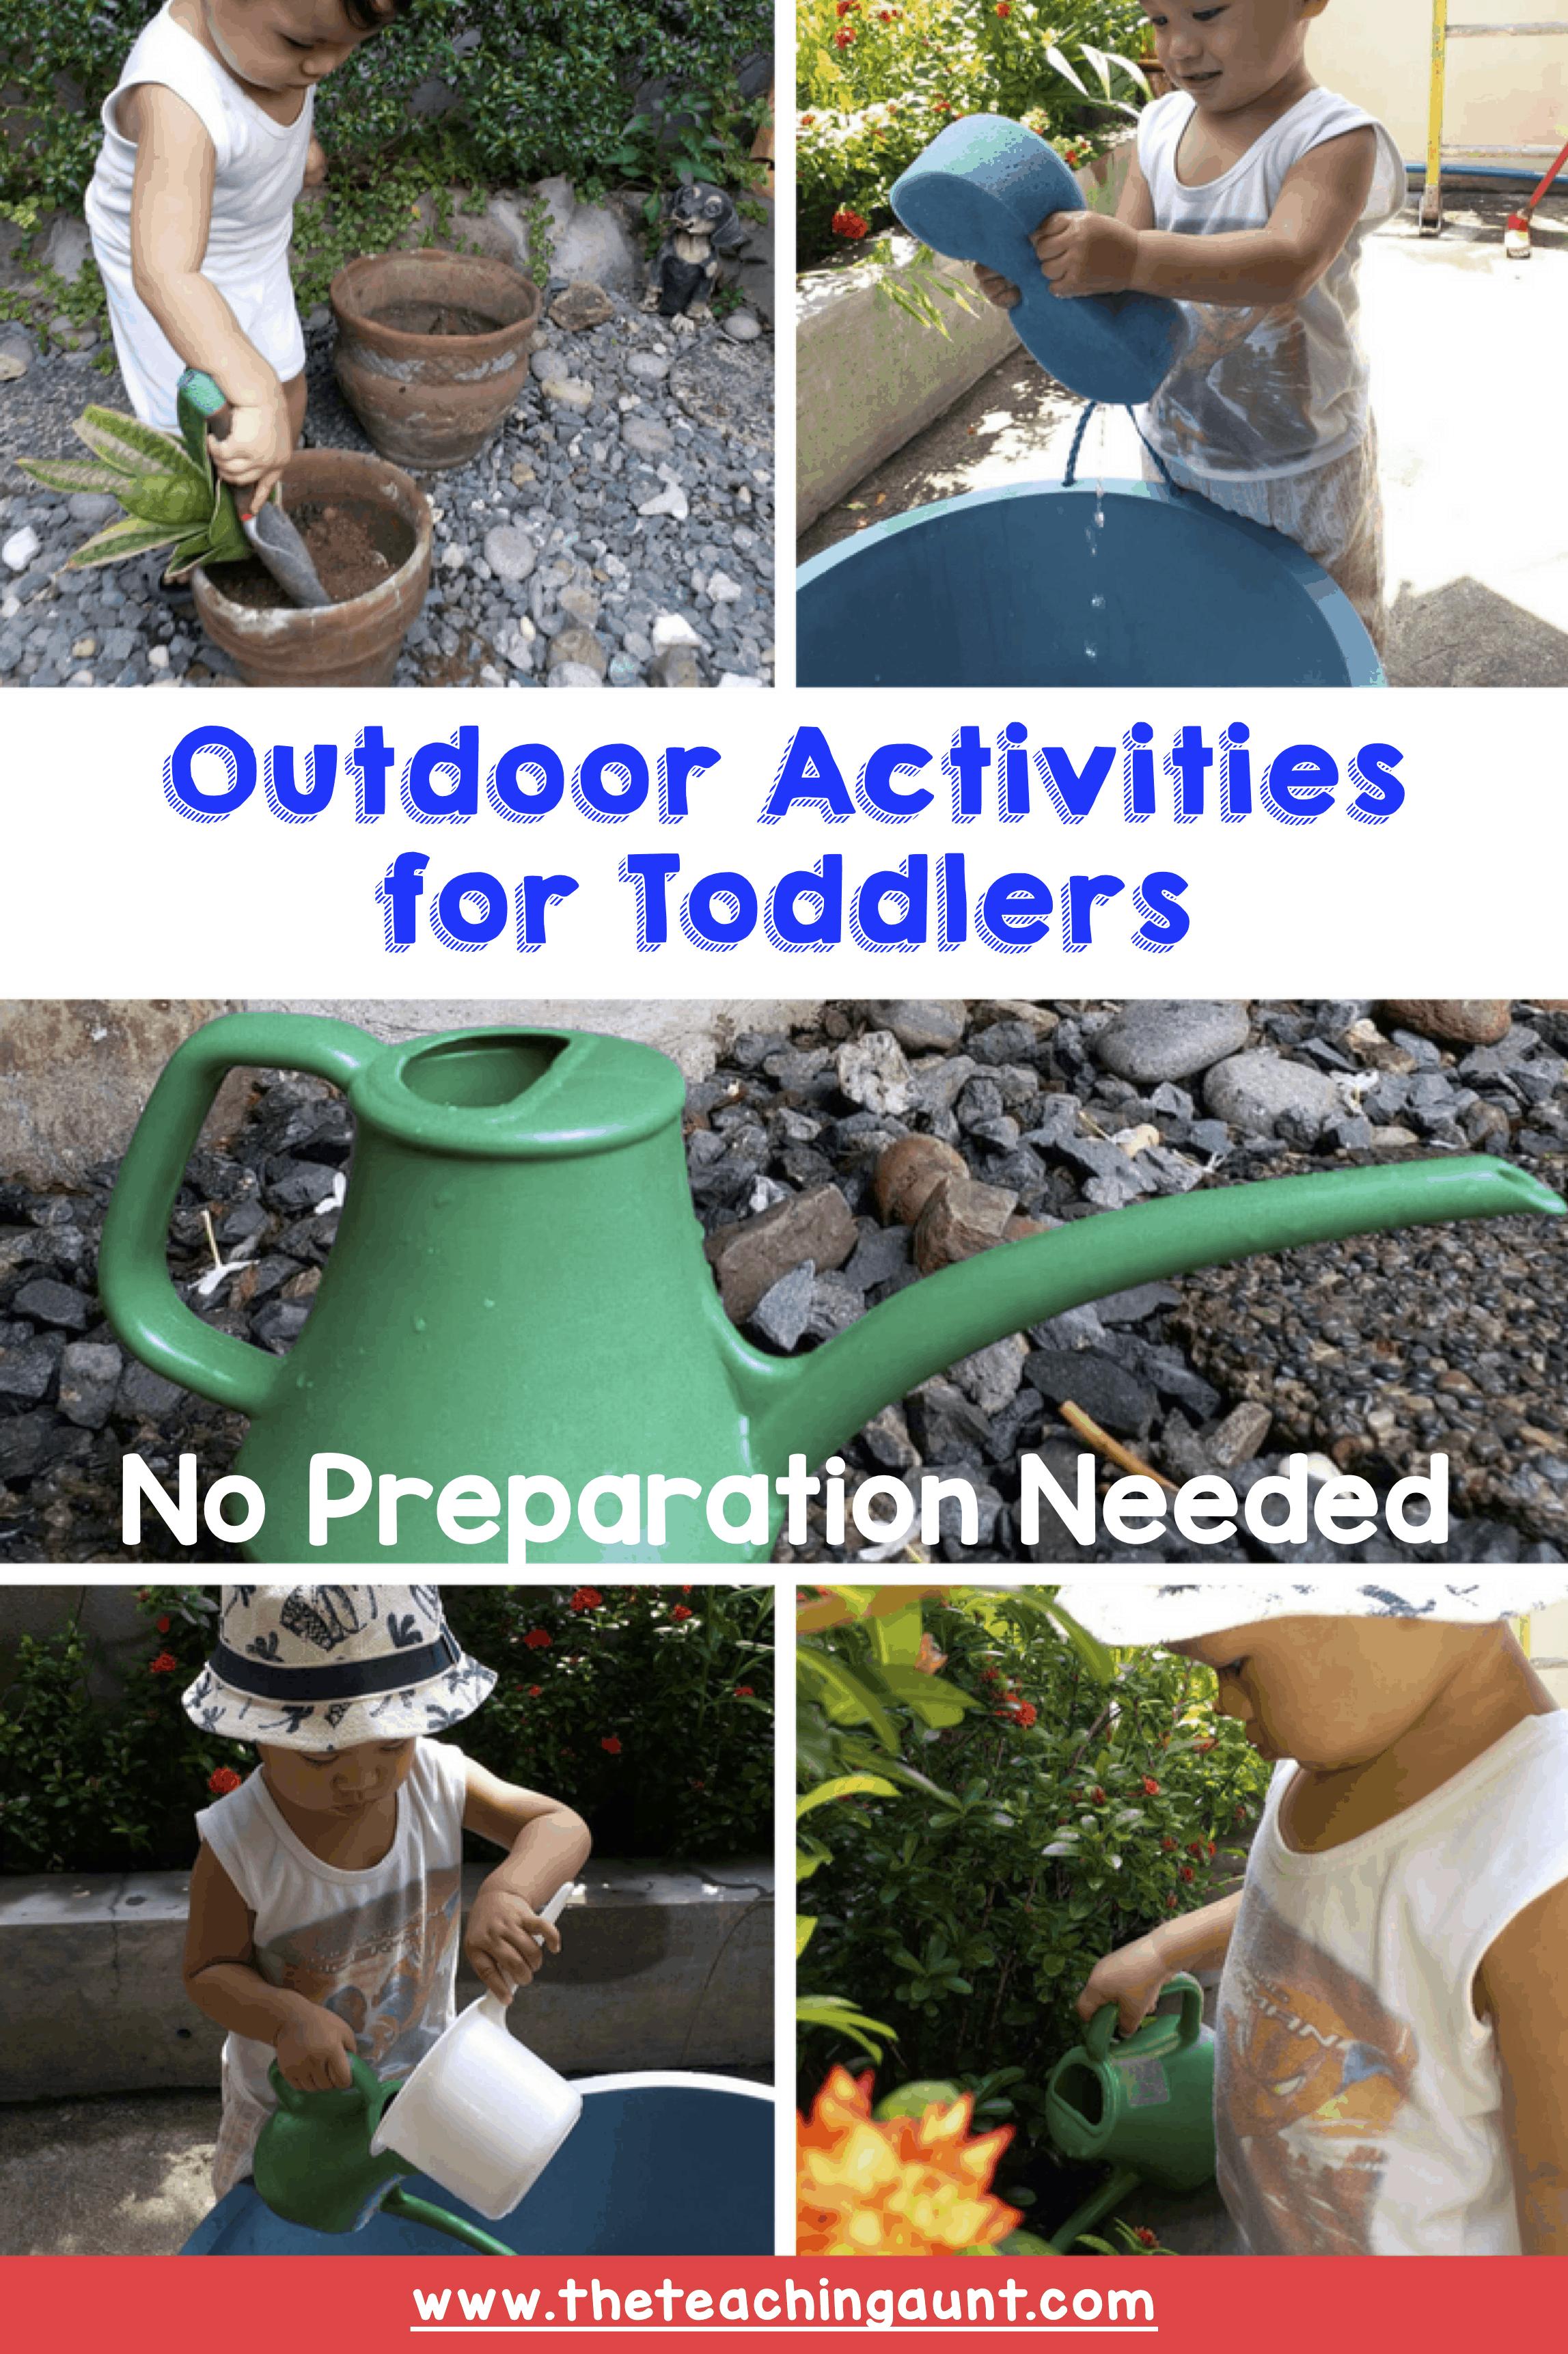 Outdoor Activities with NO PREP Needed